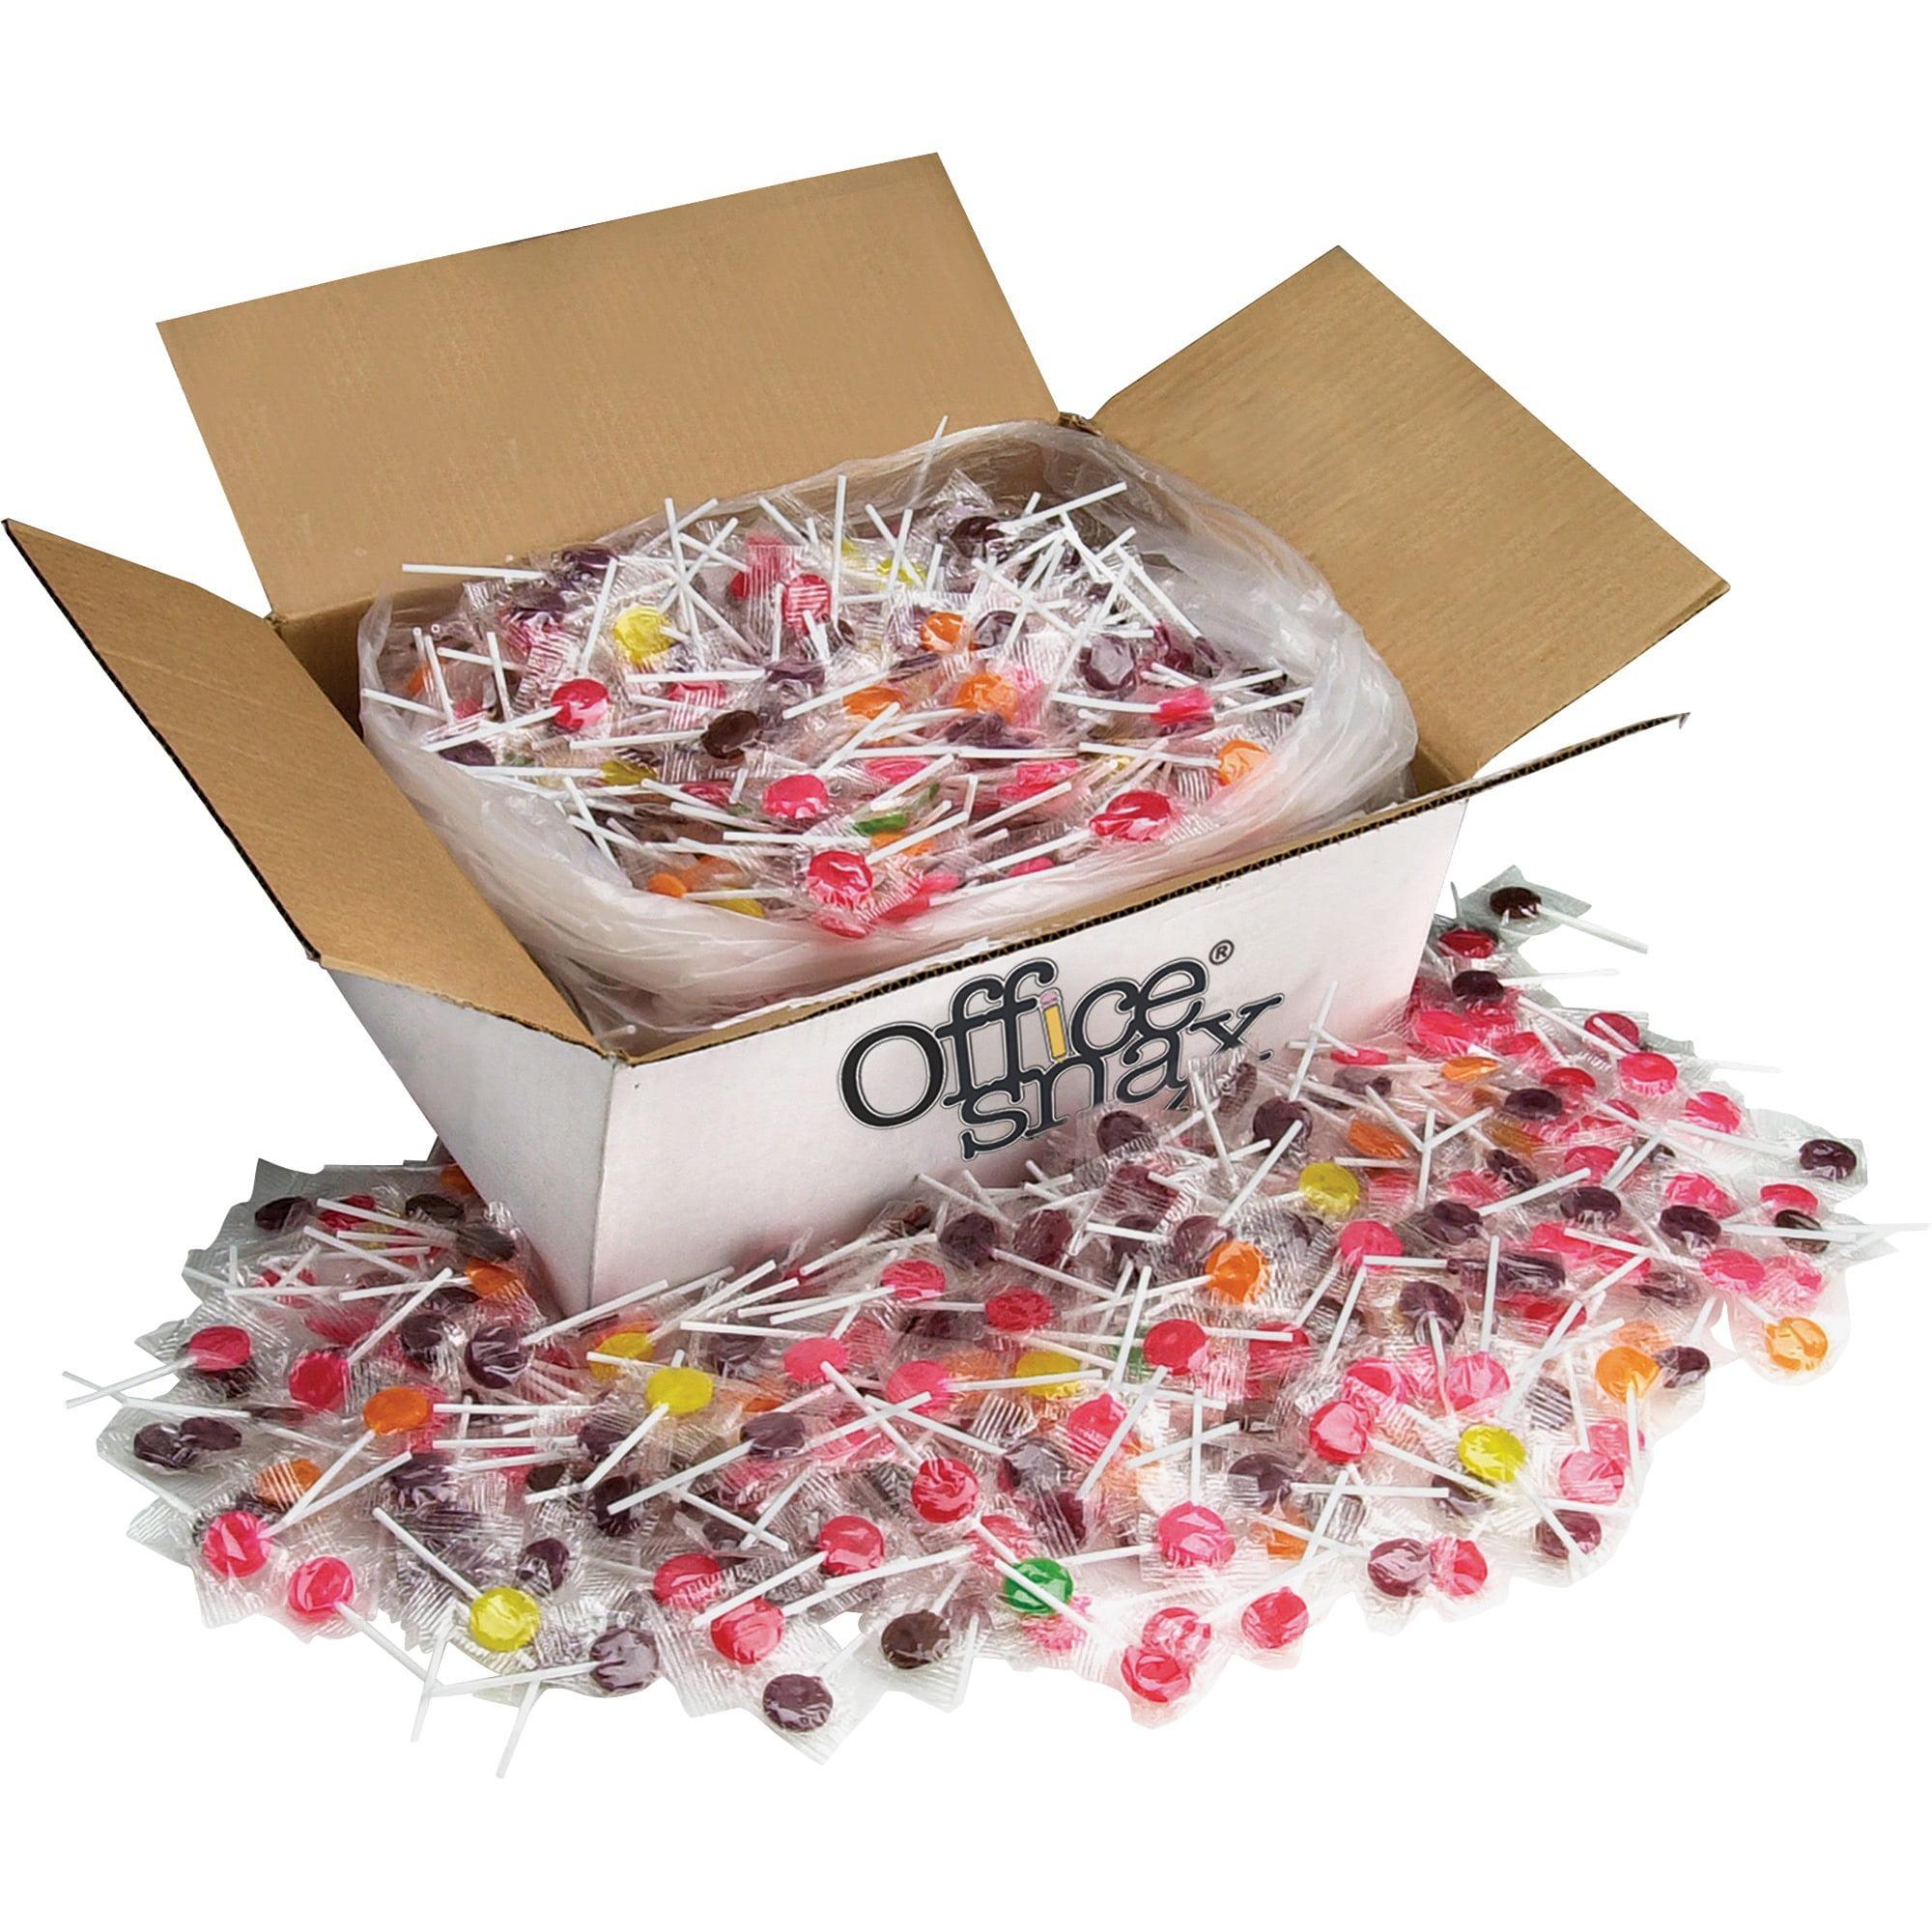 Office Snax, OFX00004, Lick Stix Fruit Flavor Sucker Candy, 1440 / Carton